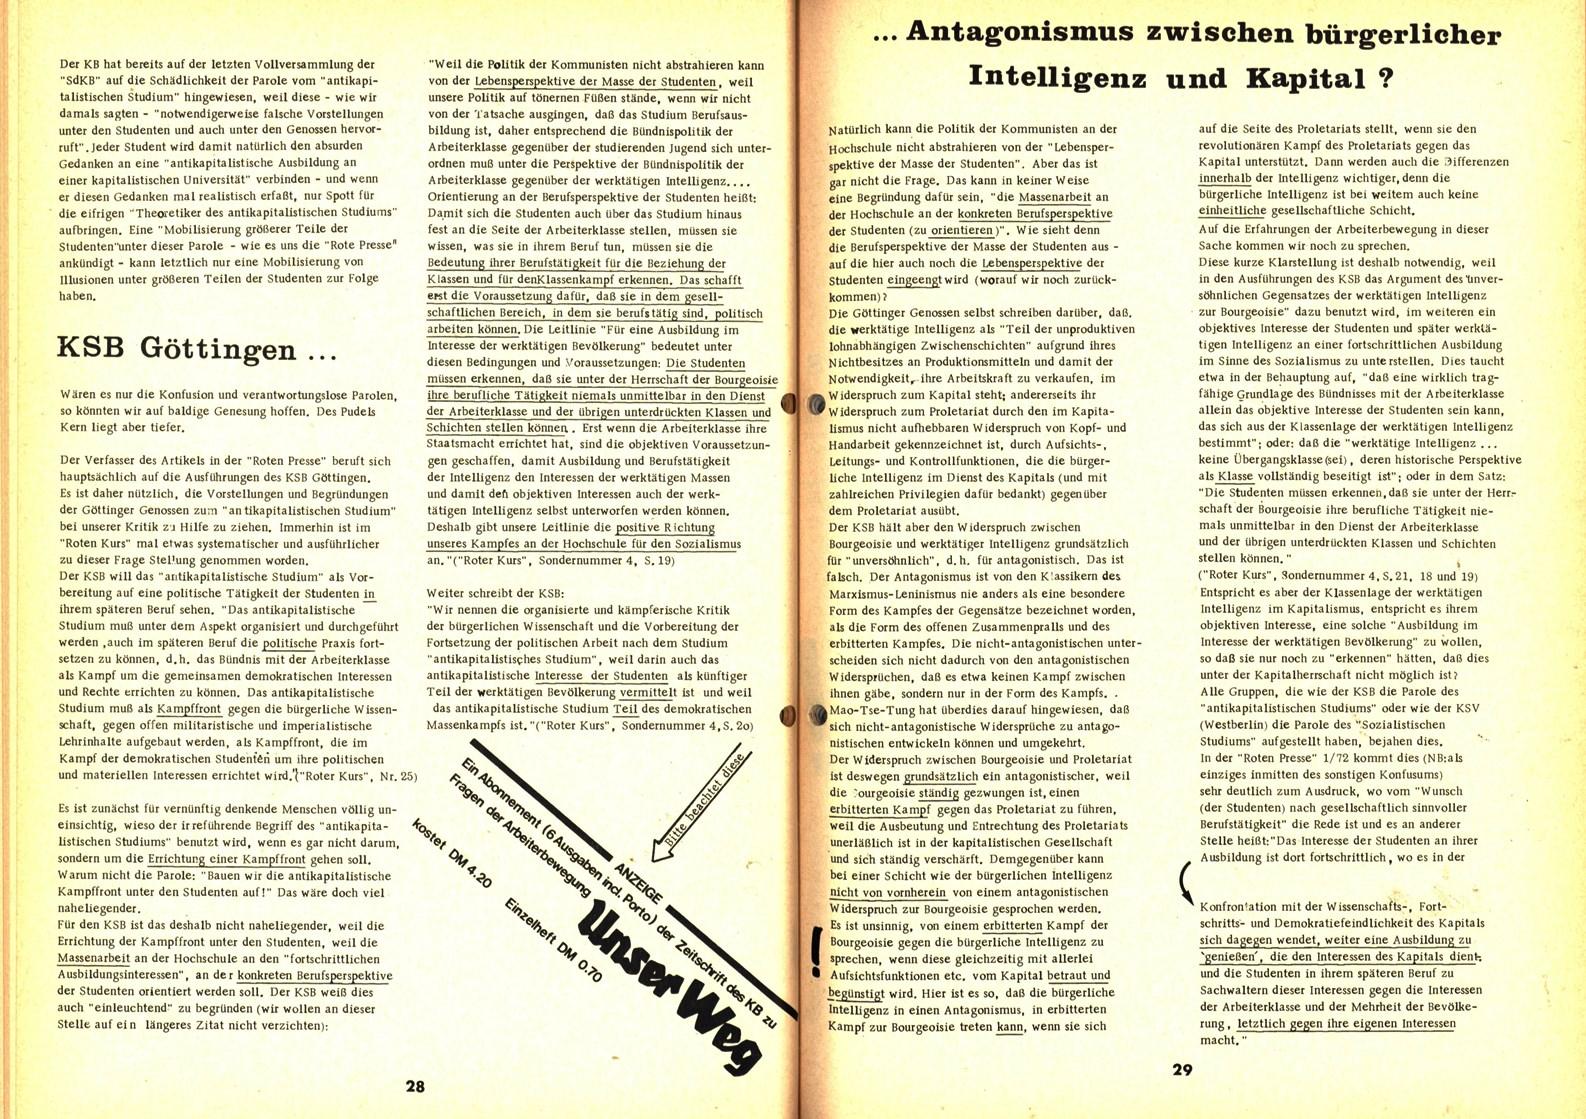 KB_Unser_Weg_19720200_15